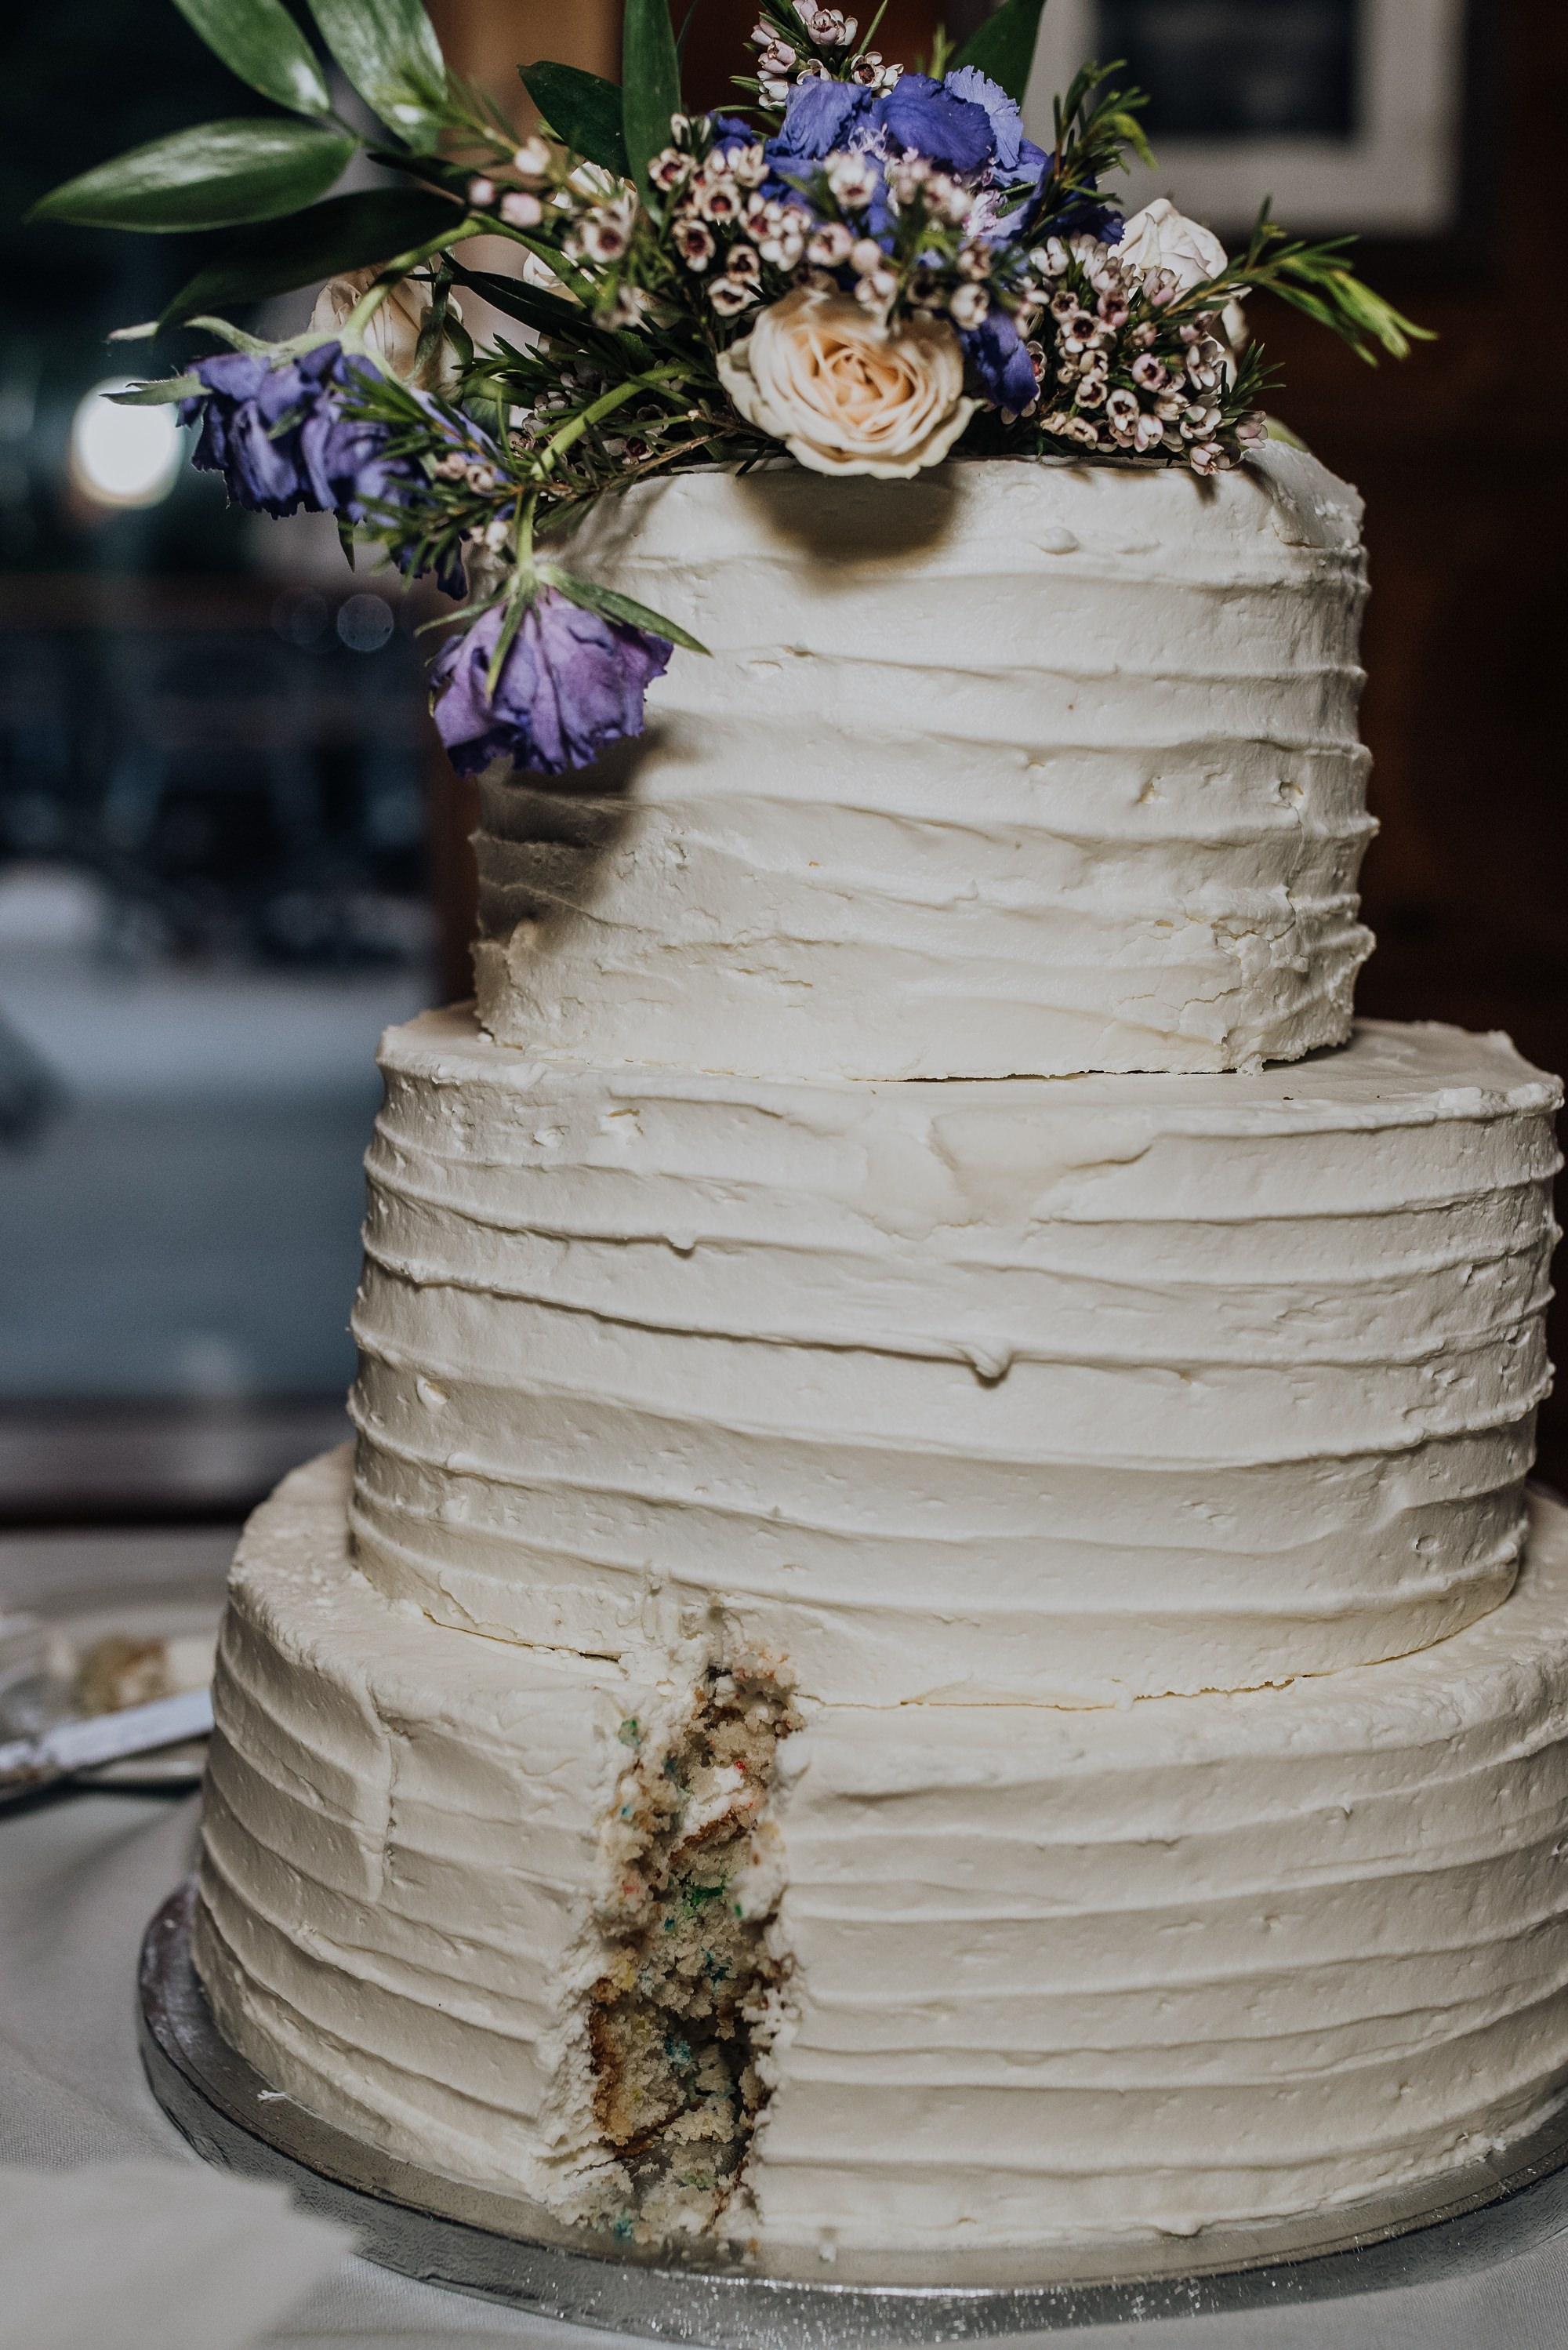 classic wedding cake already cut